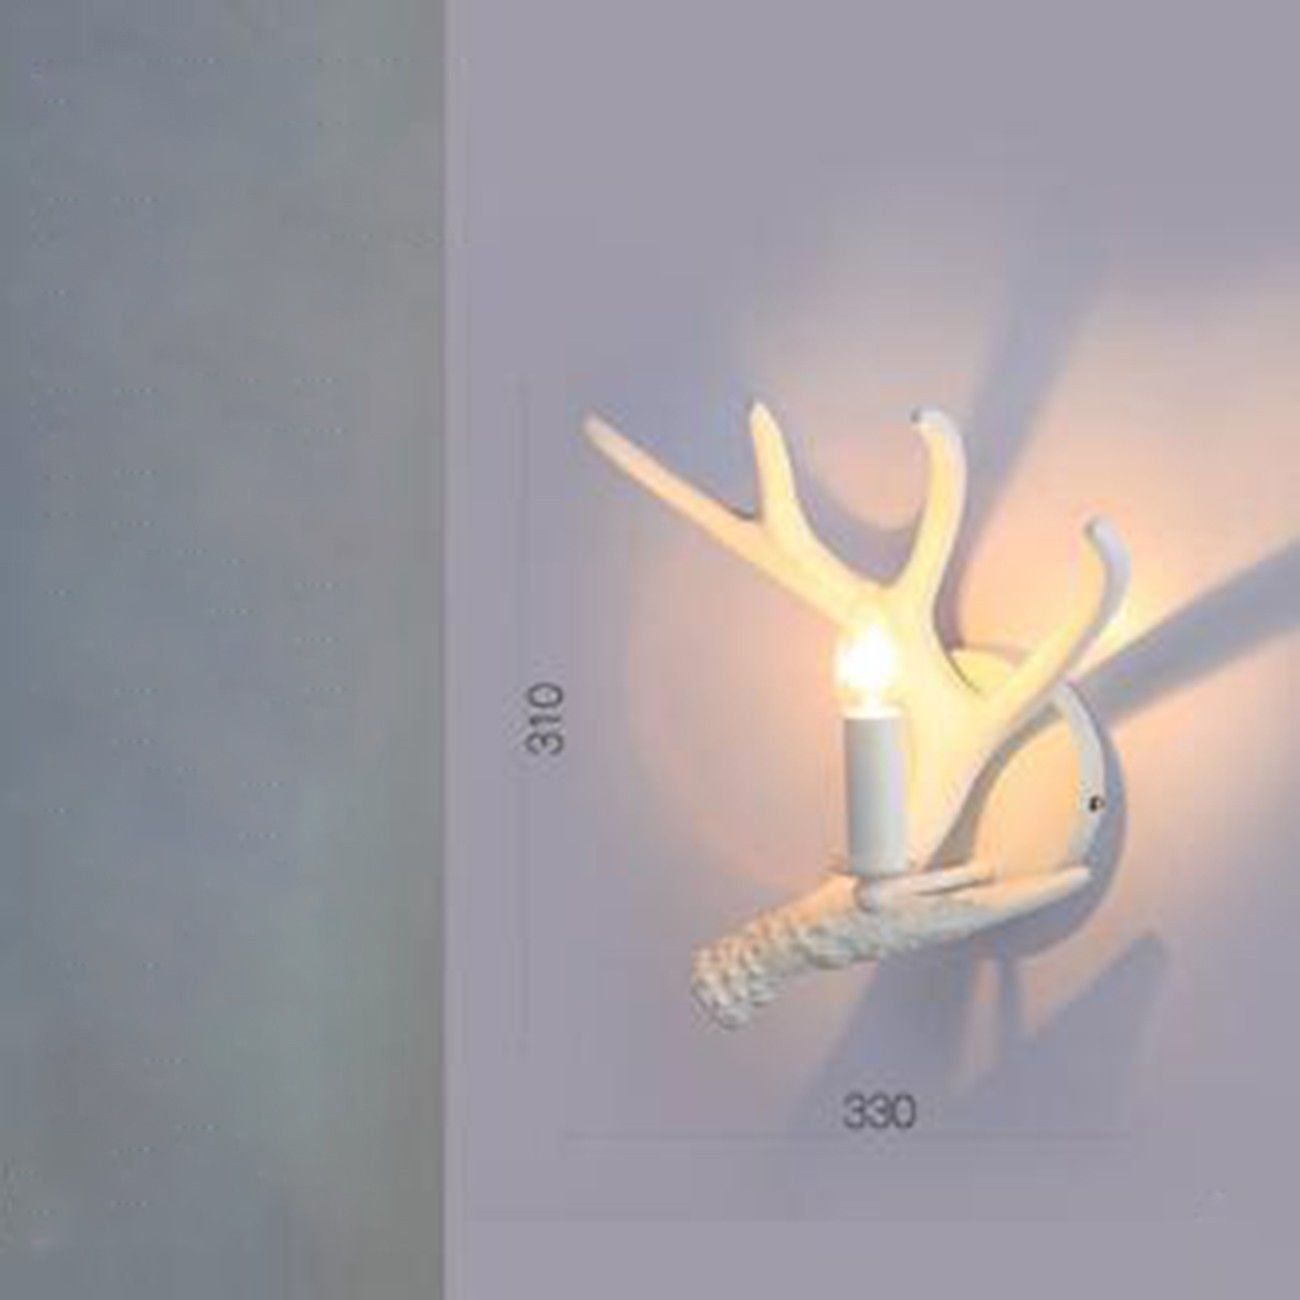 C T-ZBDZ Land Wandleuchte weiße Geweih Wand Lampe Wohnzimmer Nachttisch Schlafzimmer Dekoration Geweih Wandlampe, C